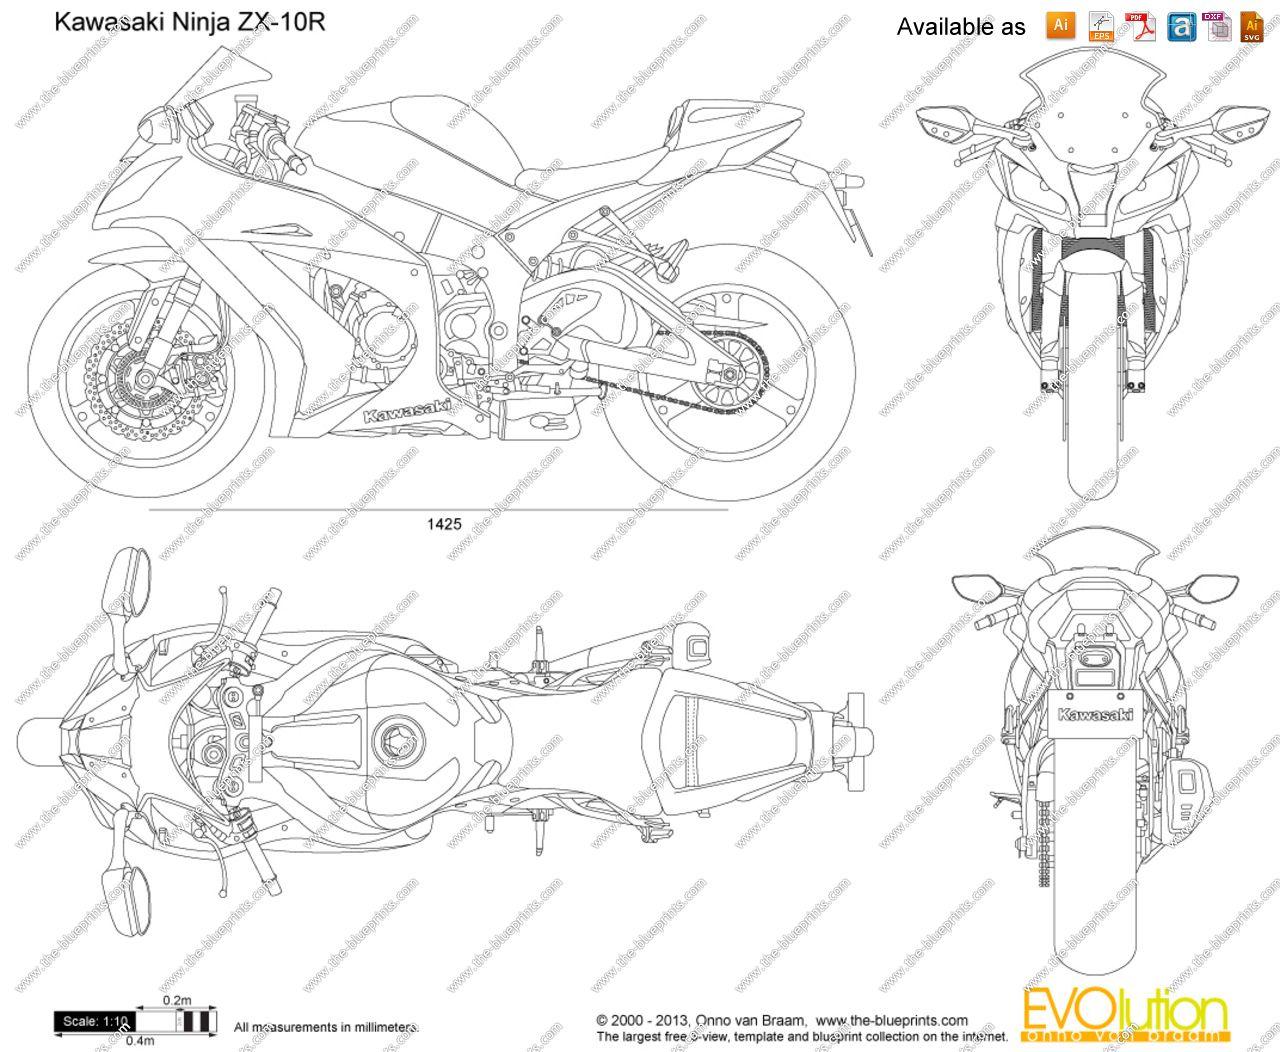 Kawasaki ninja zx 10r 1280×1052